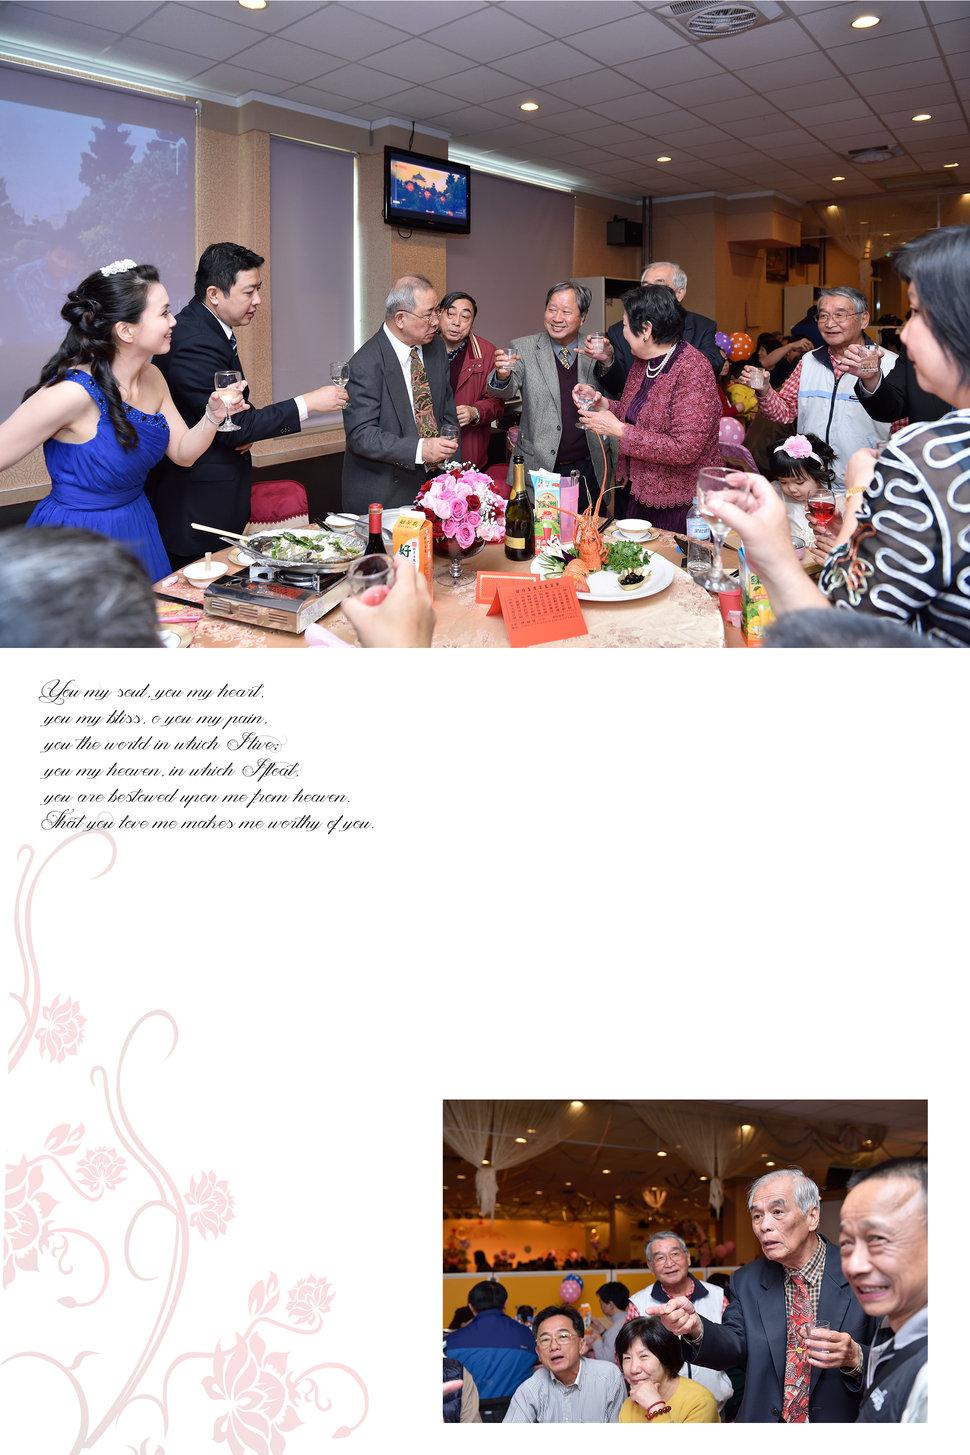 彰化婚攝 婚禮紀錄 結婚單午宴 金悅囍宴館 平面攝影(編號:148434) - D&L 婚禮事務 · 婚禮婚紗攝影 - 結婚吧